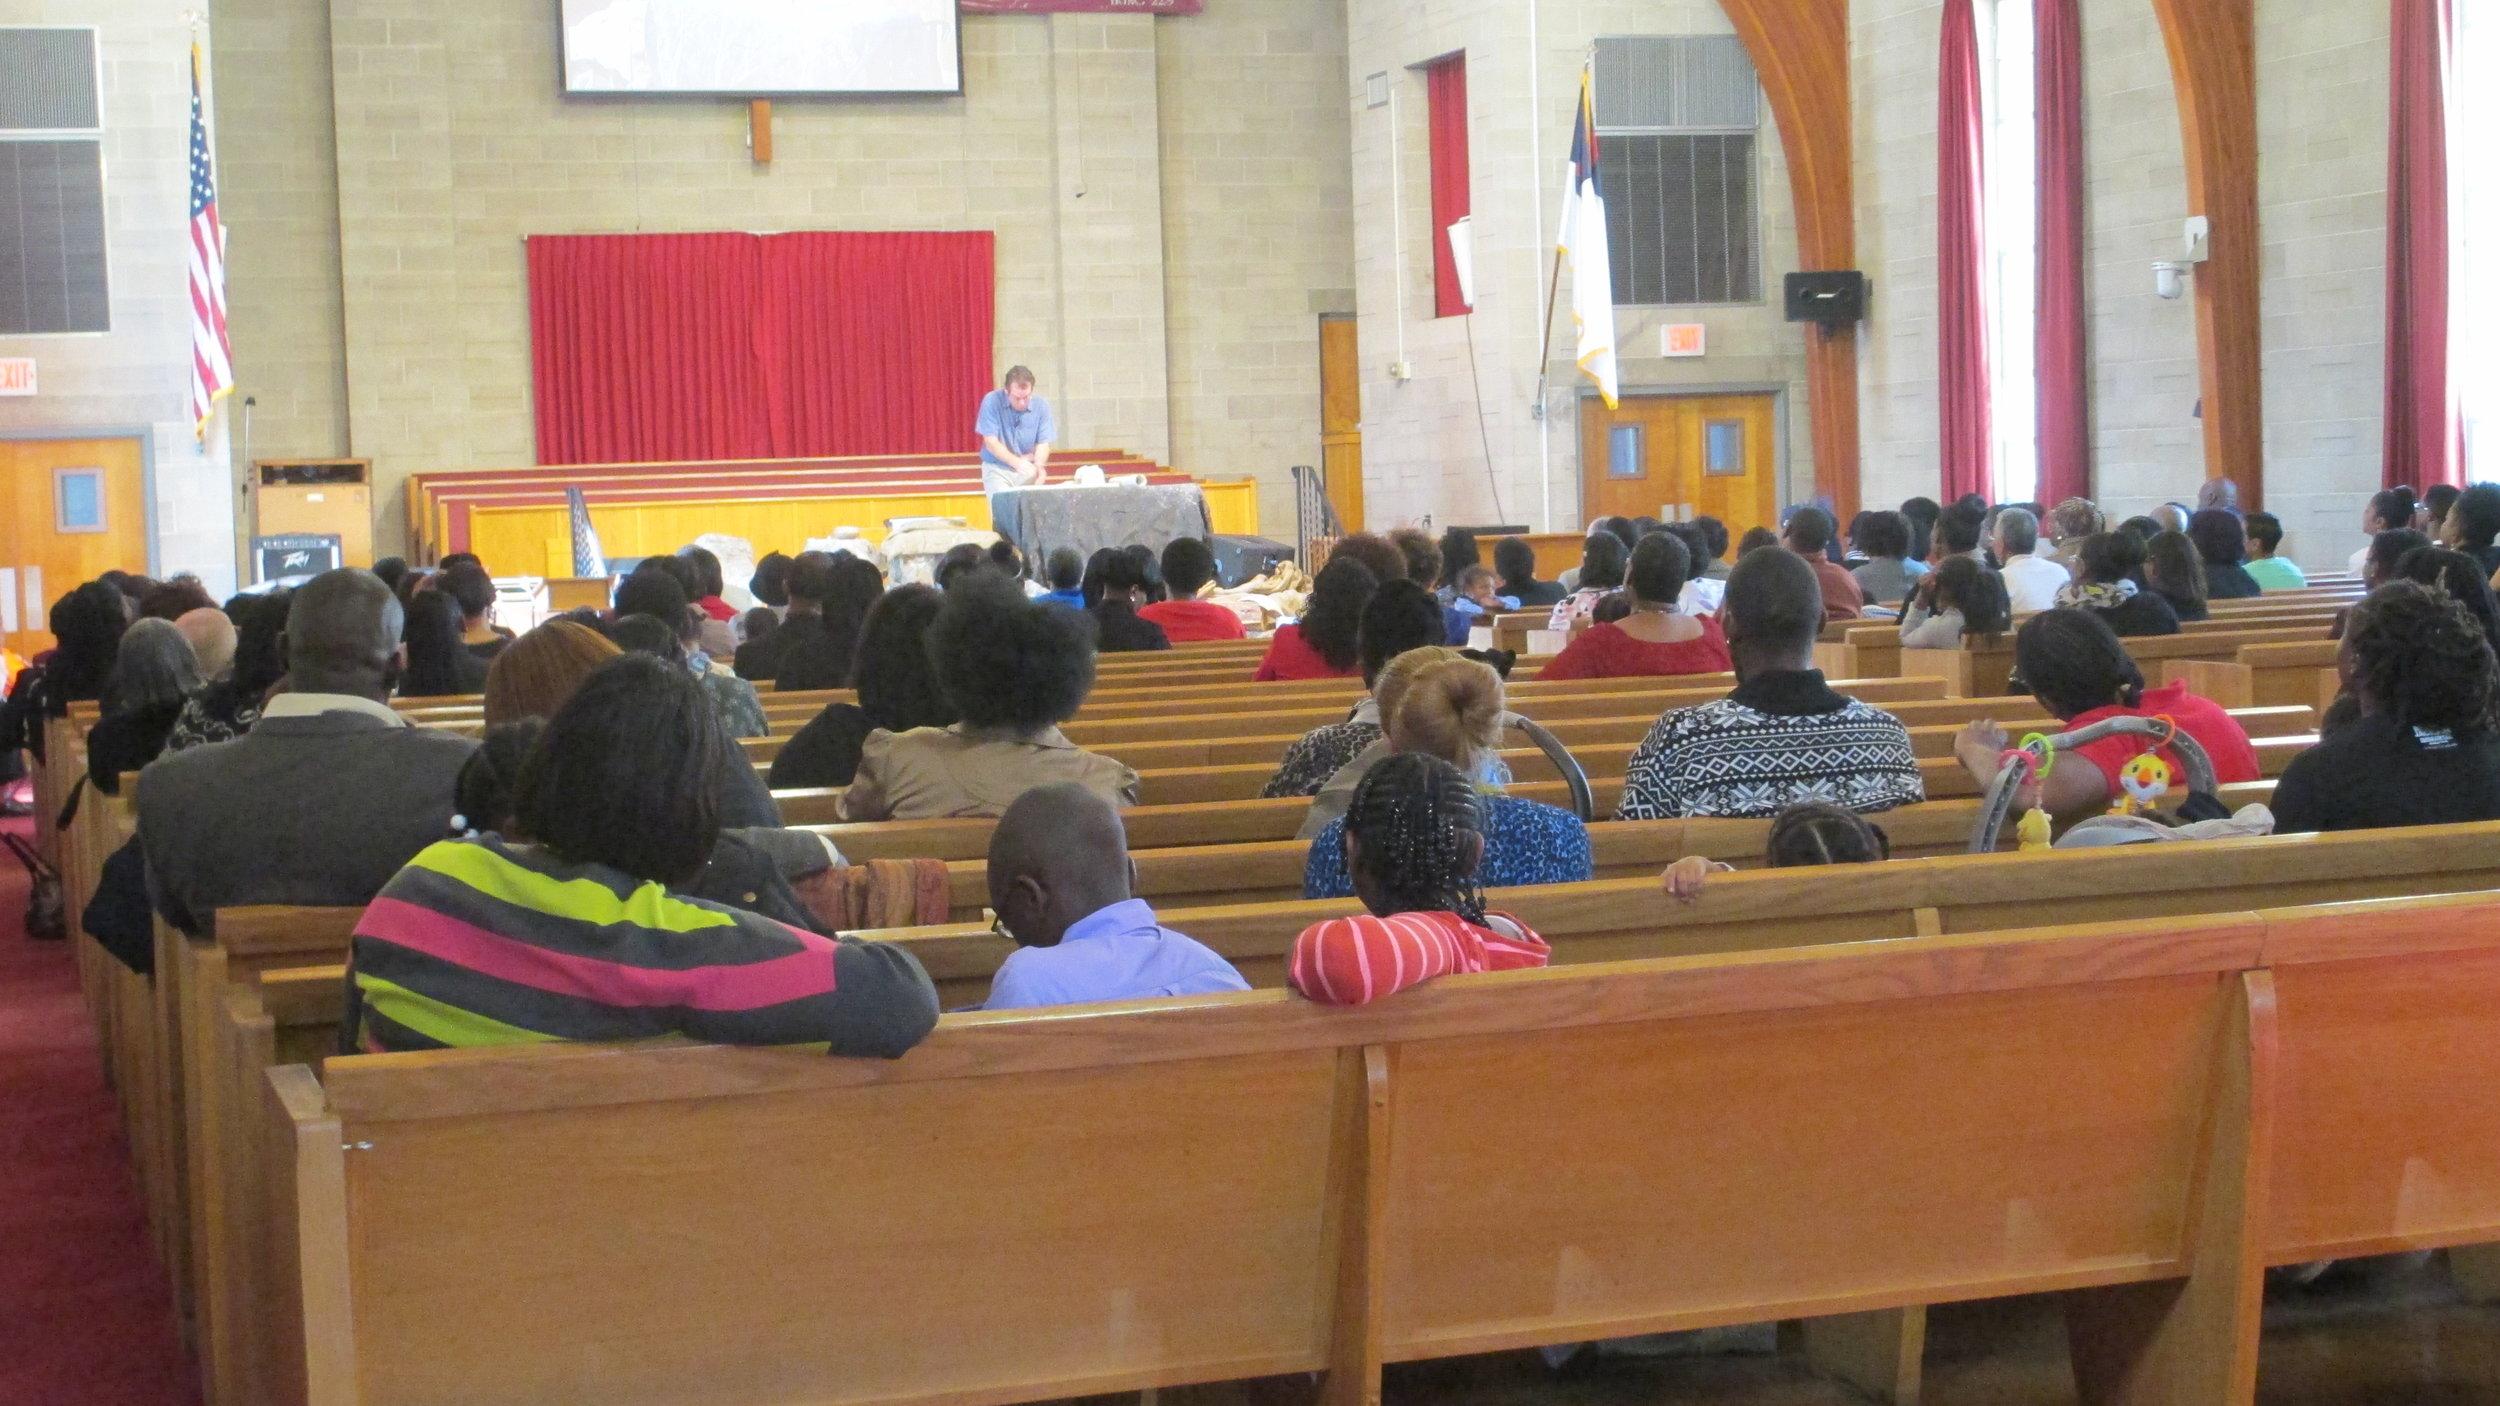 1st Church of the Living God 007.JPG